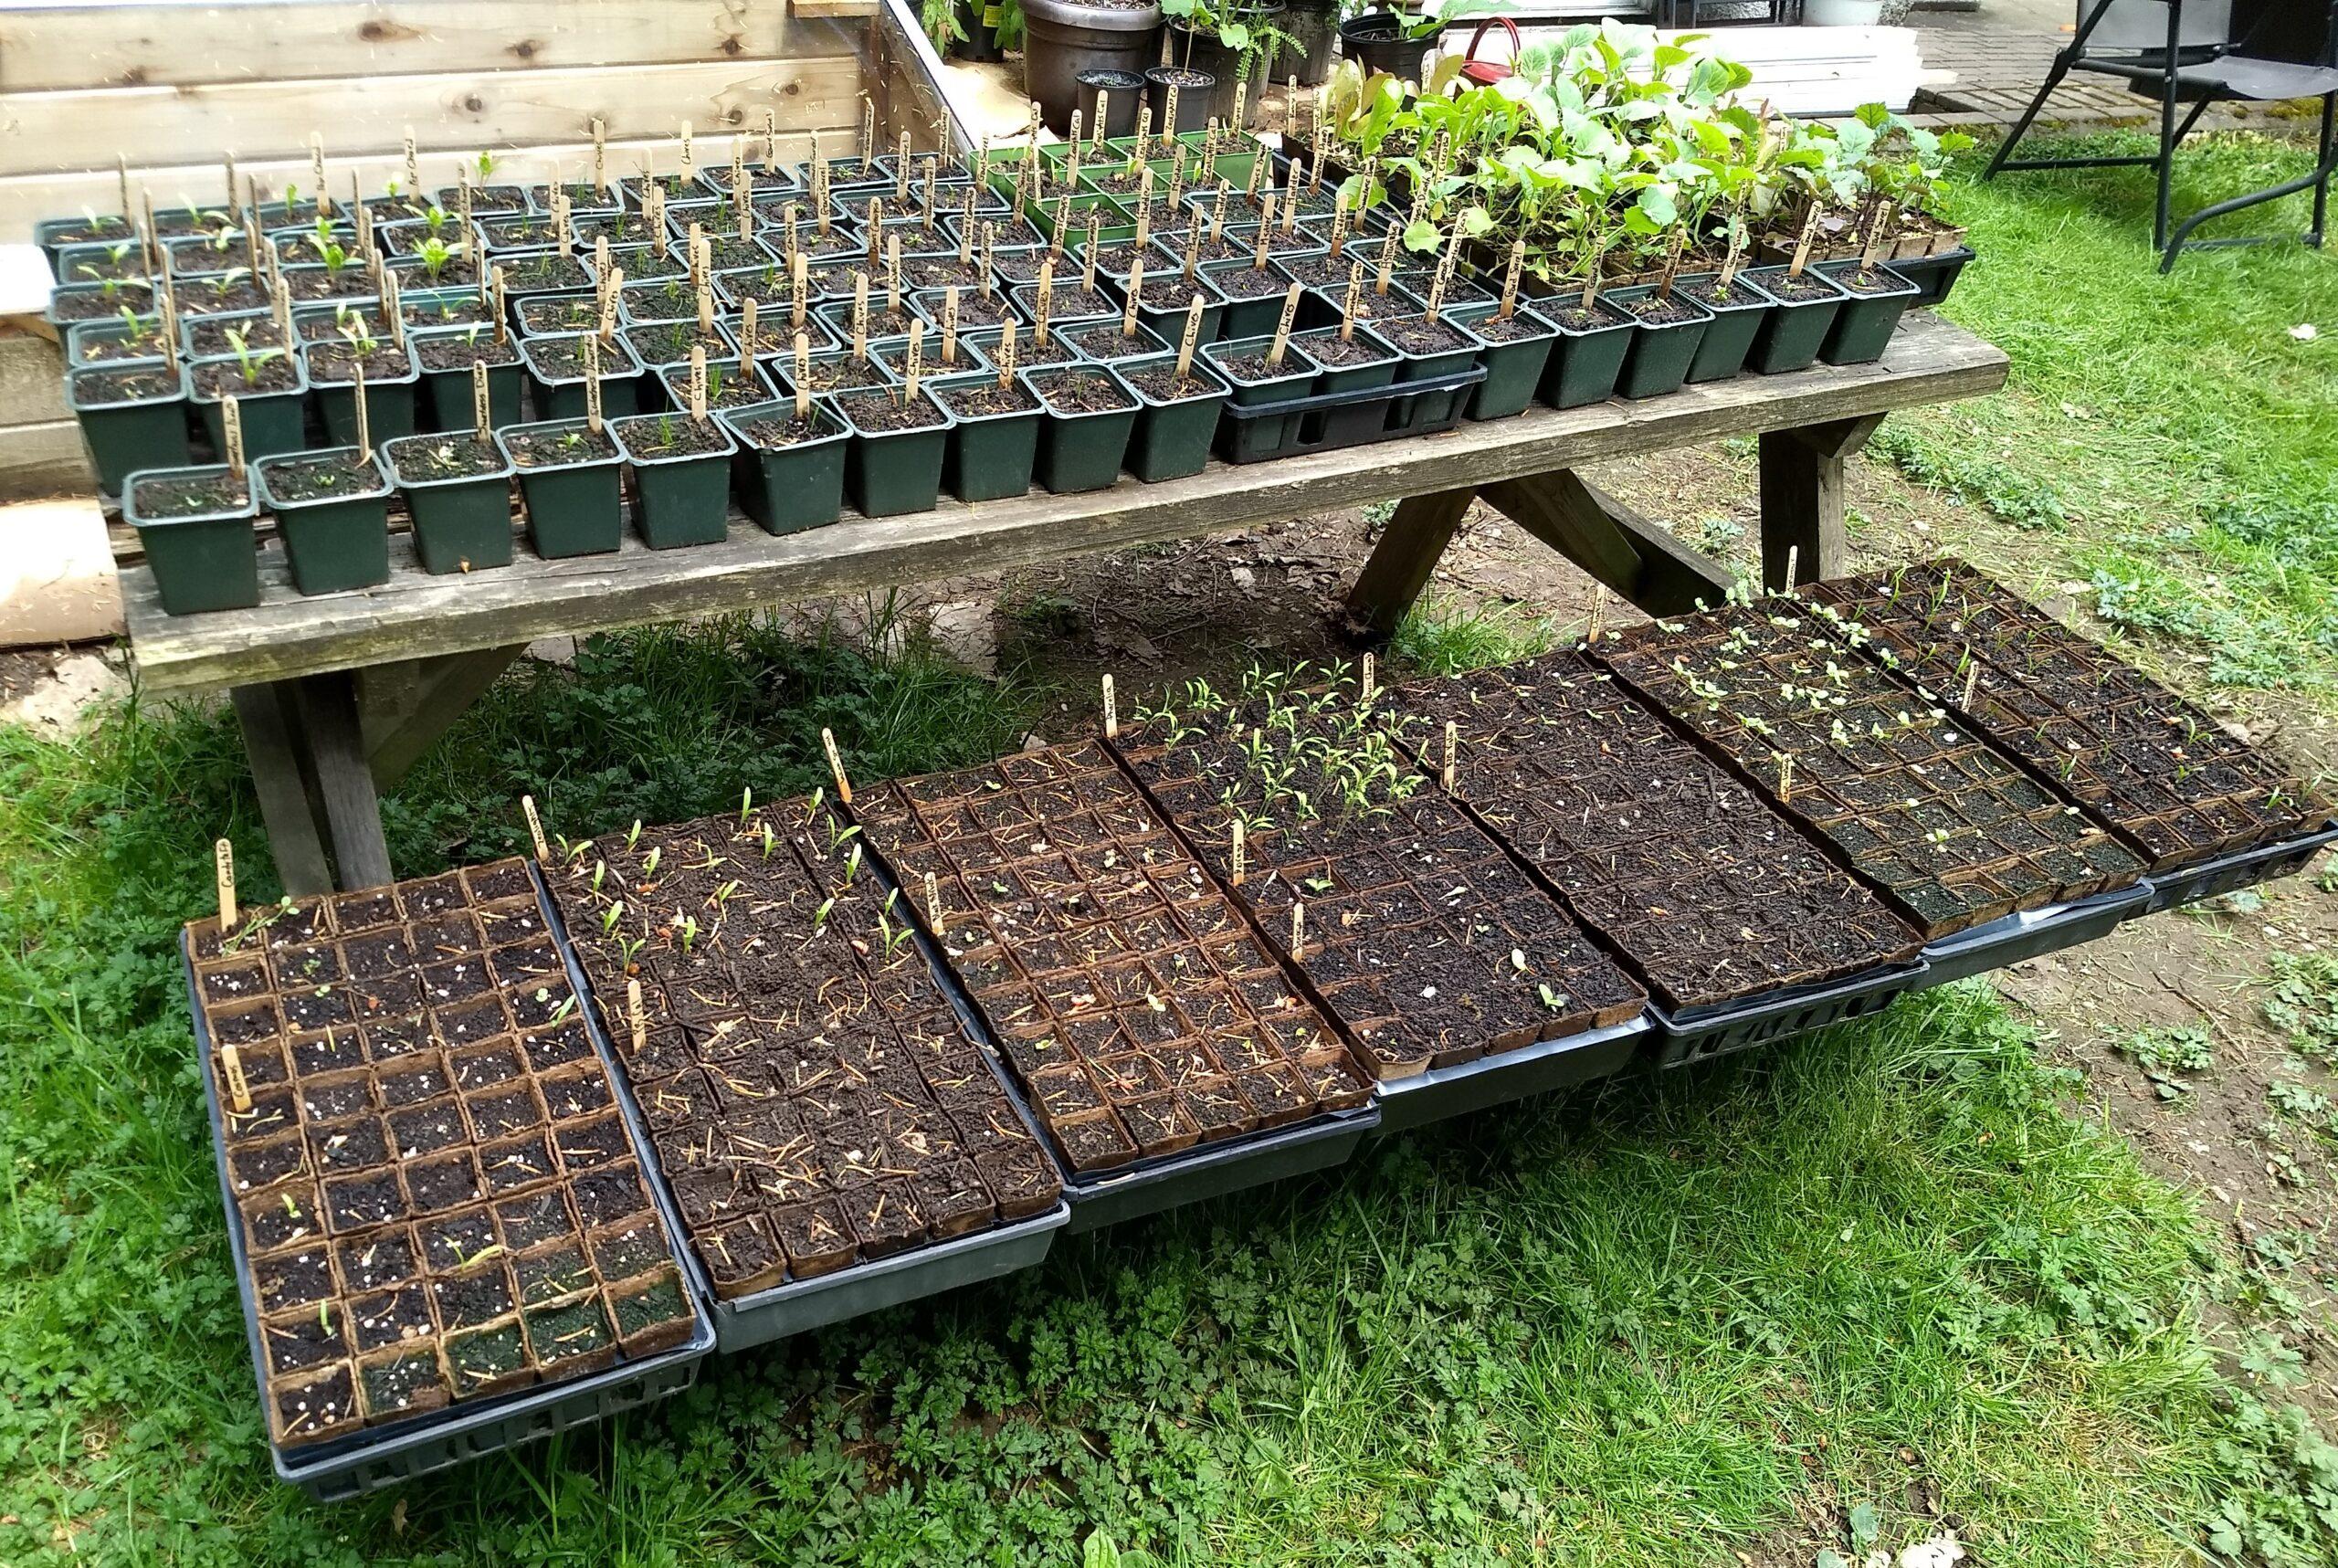 My wee plant nursery